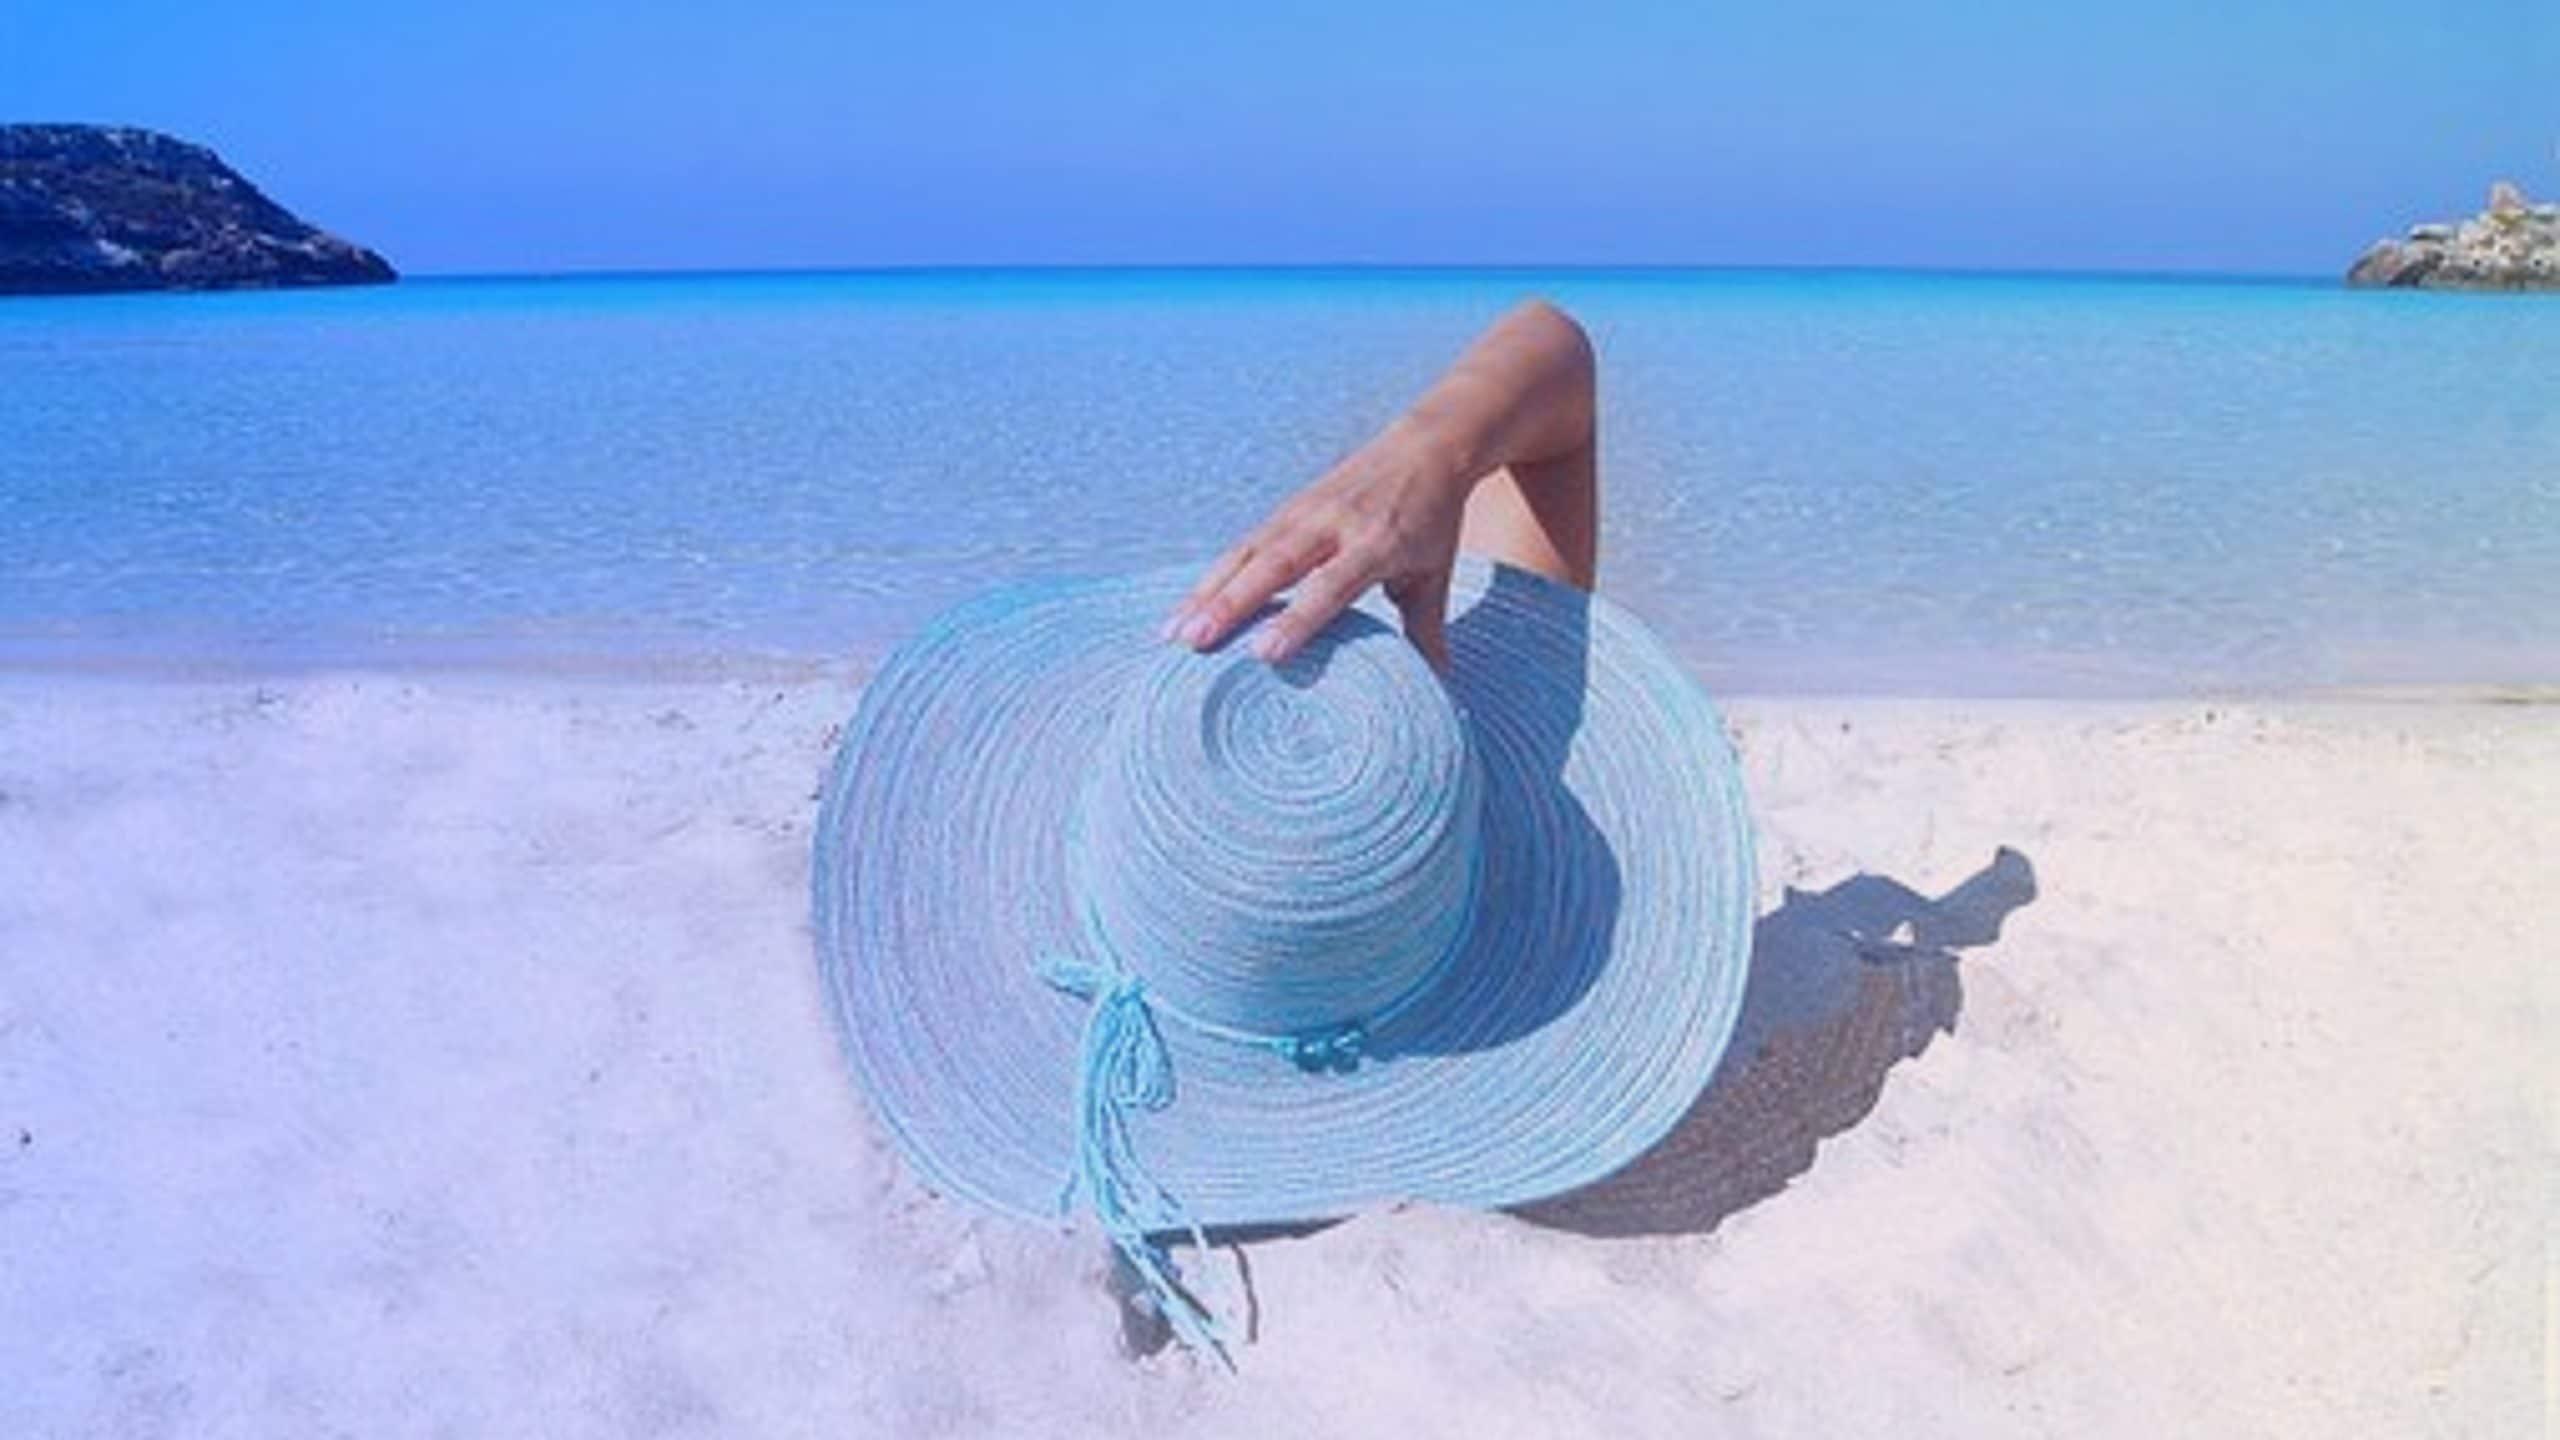 Personne qui bronze devant une mer magnifique pendant son séjour en vacances.